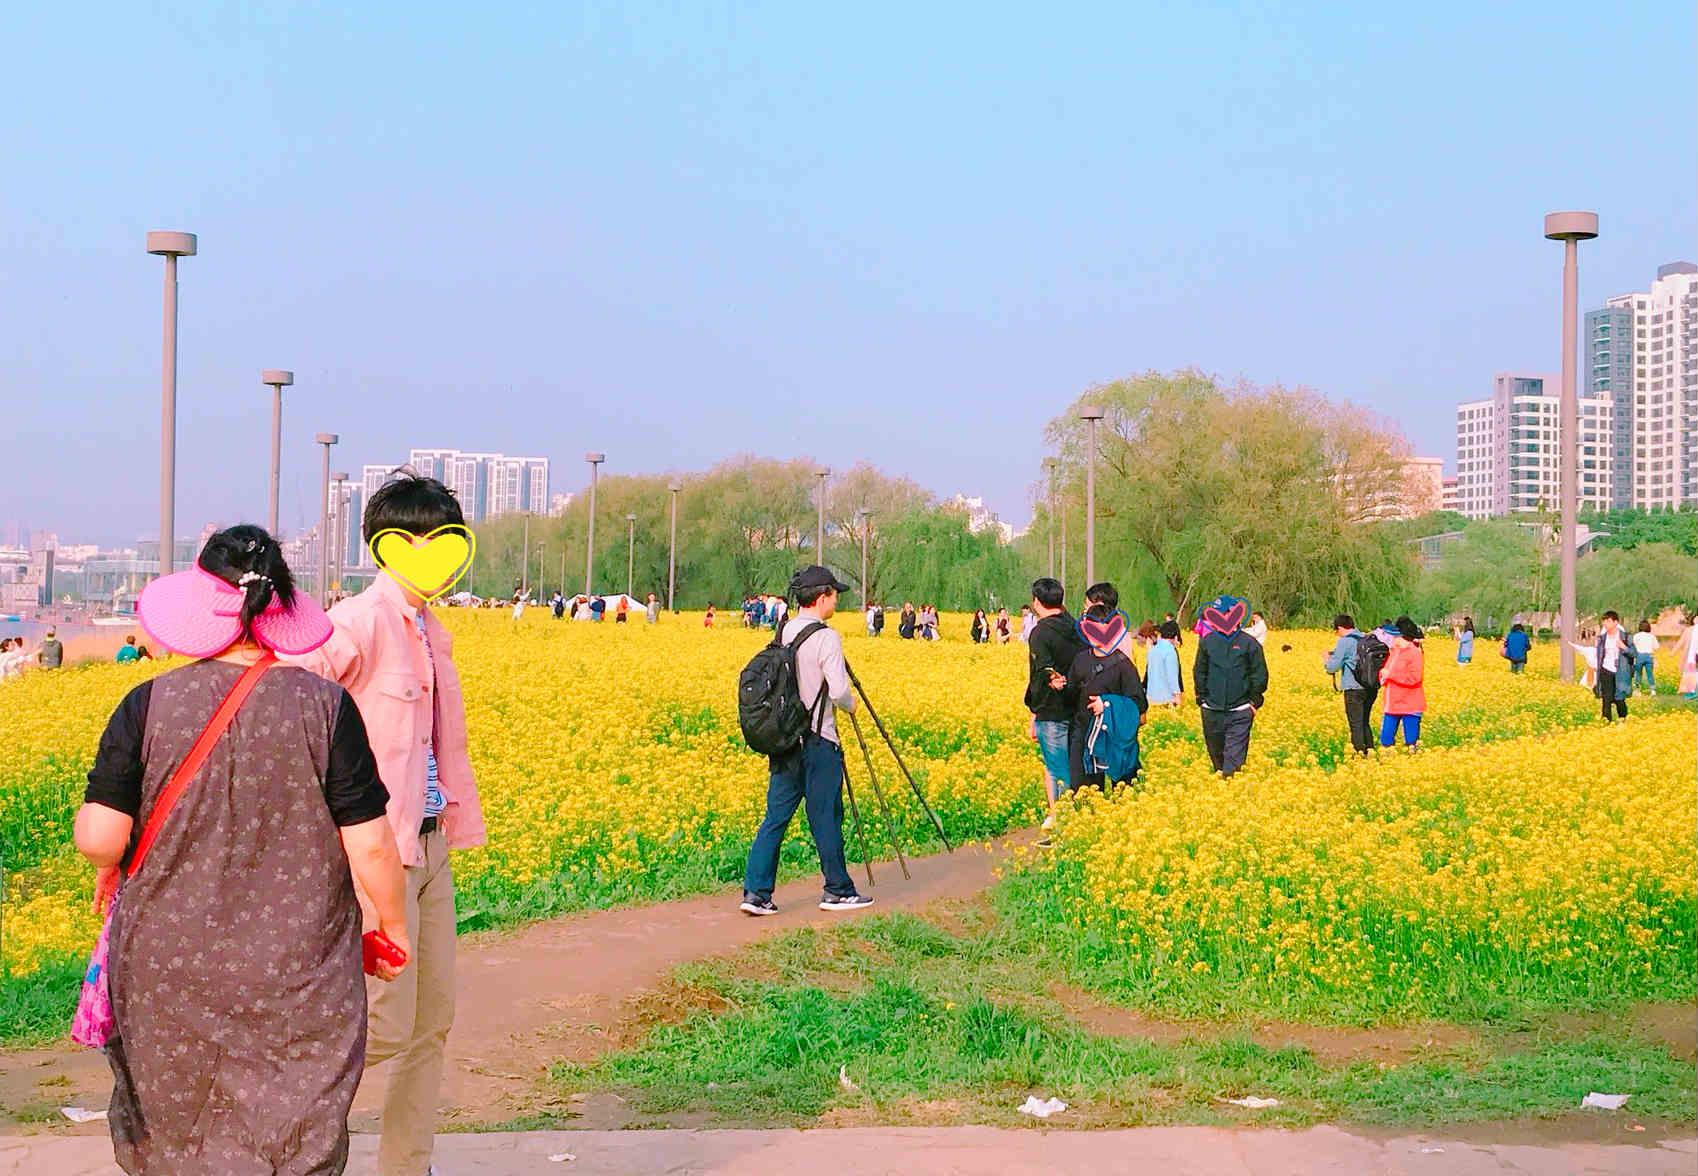 油菜花不只濟州島有,漢江公園裡也有。因此,每到5月,就會有不少首爾市民慕名前去賞花。